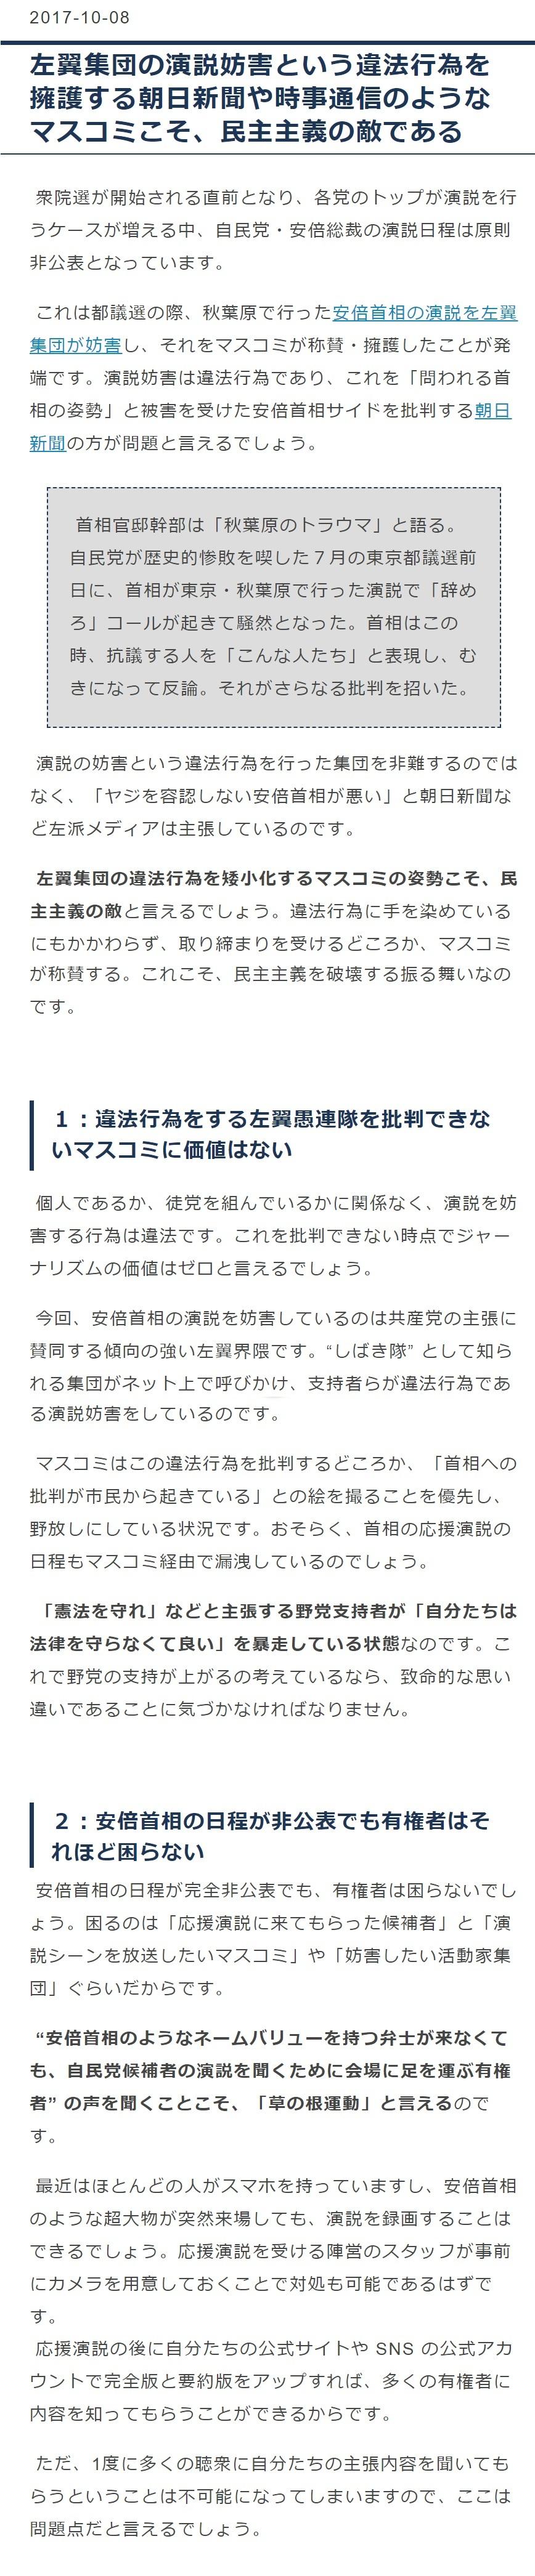 アカシナ朝鮮勢力による選挙犯罪を許すな1